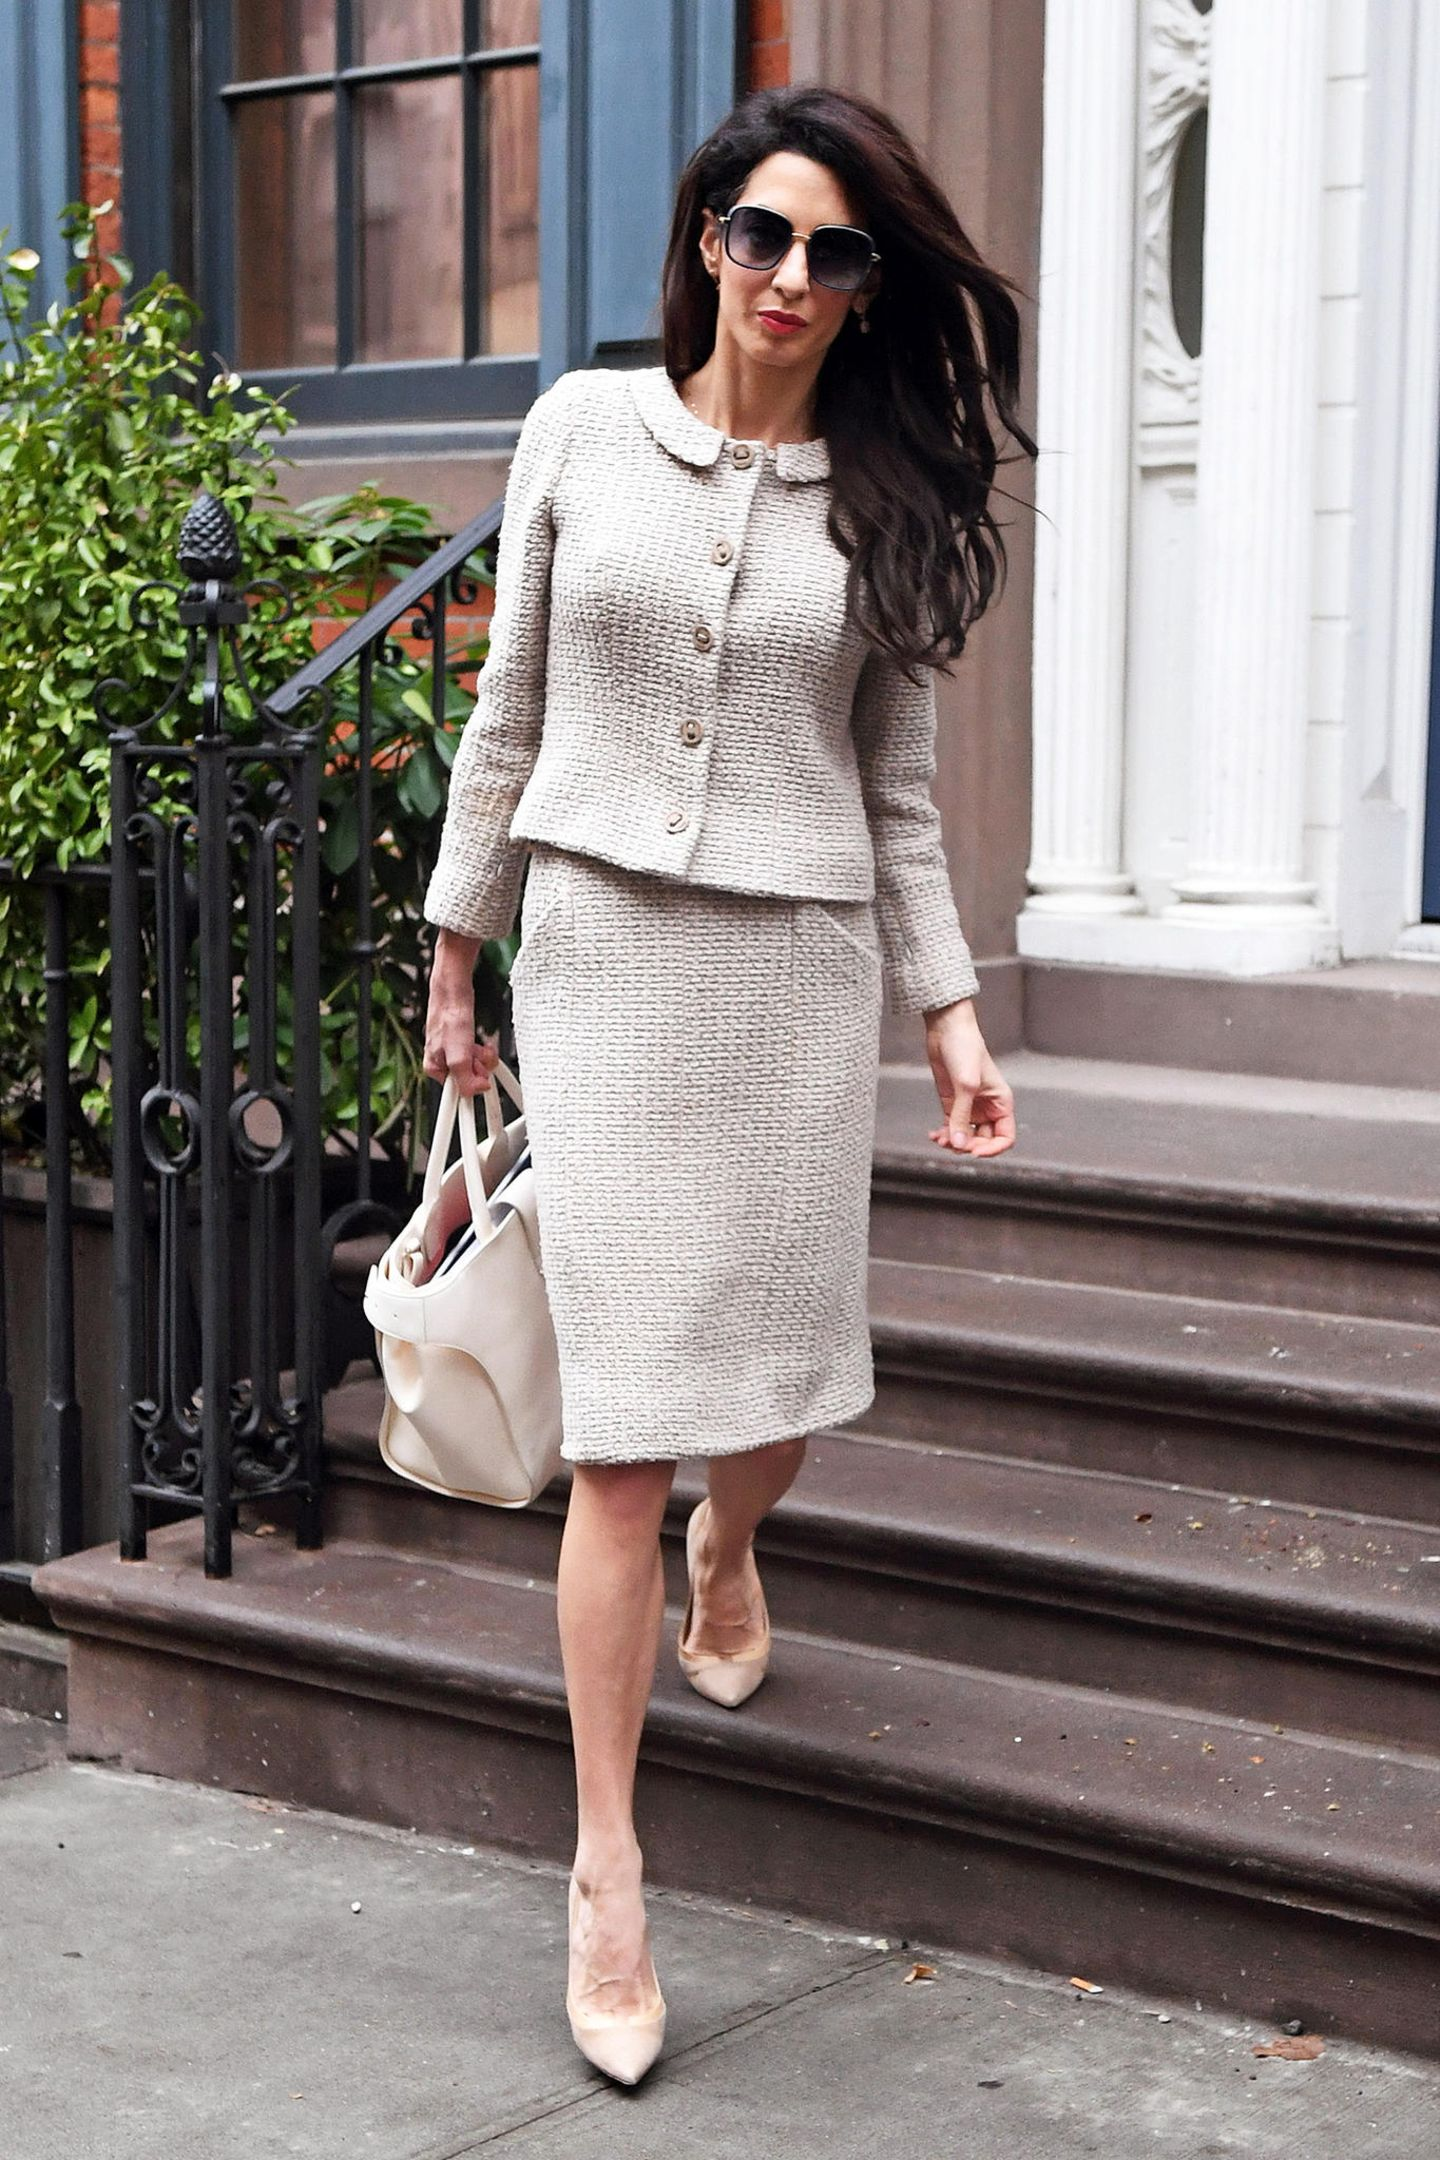 Bieder? Nein, Vintage! Amal Clooney zeigt in diesem beigefarbenen Tweed-Ensemble mal wieder, dass Jackie O. eines ihrer großen Style-Vorbilder ist.